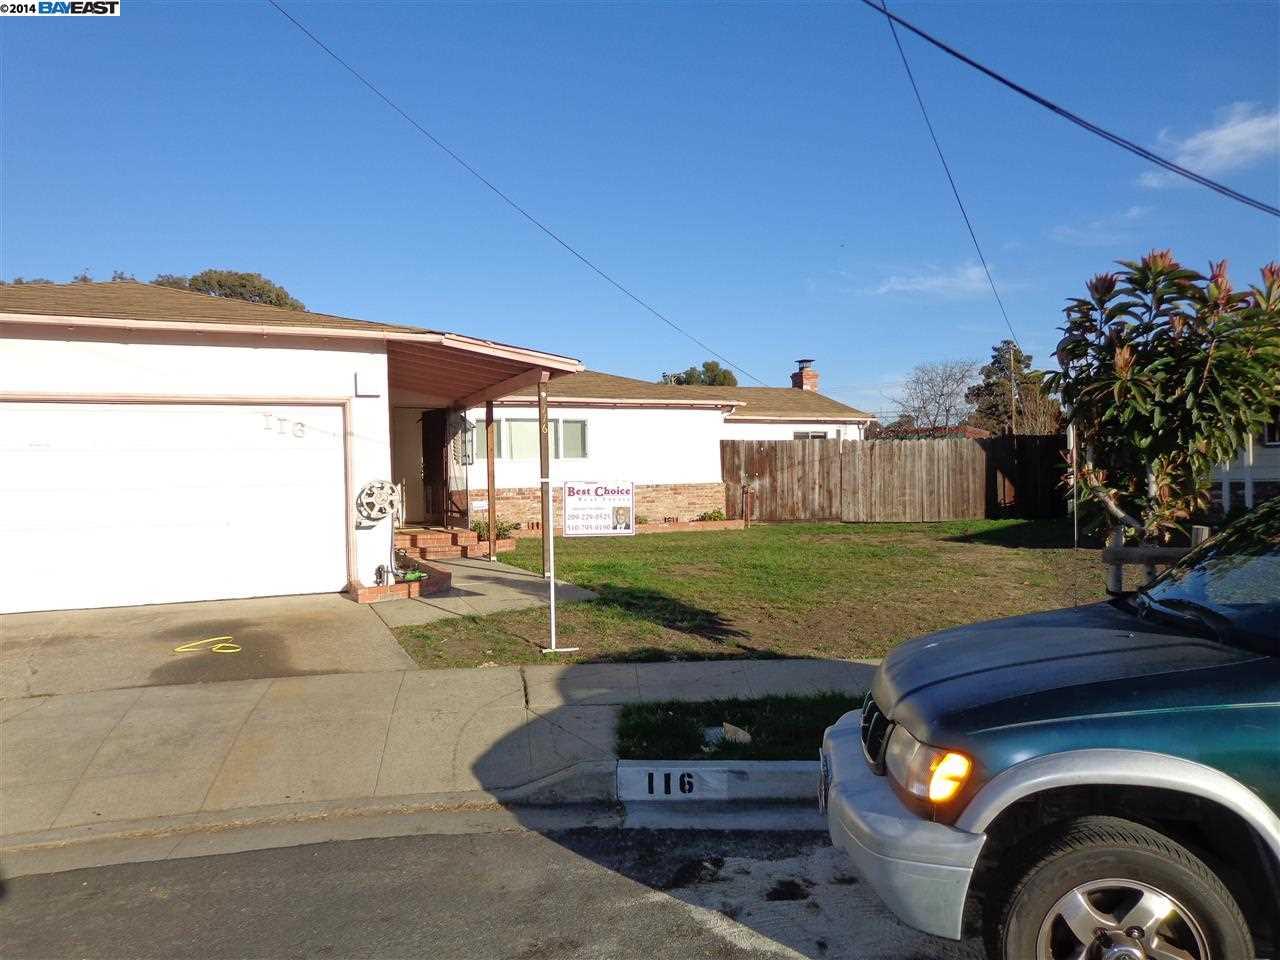 116 Hewitt Pl, Hayward, CA